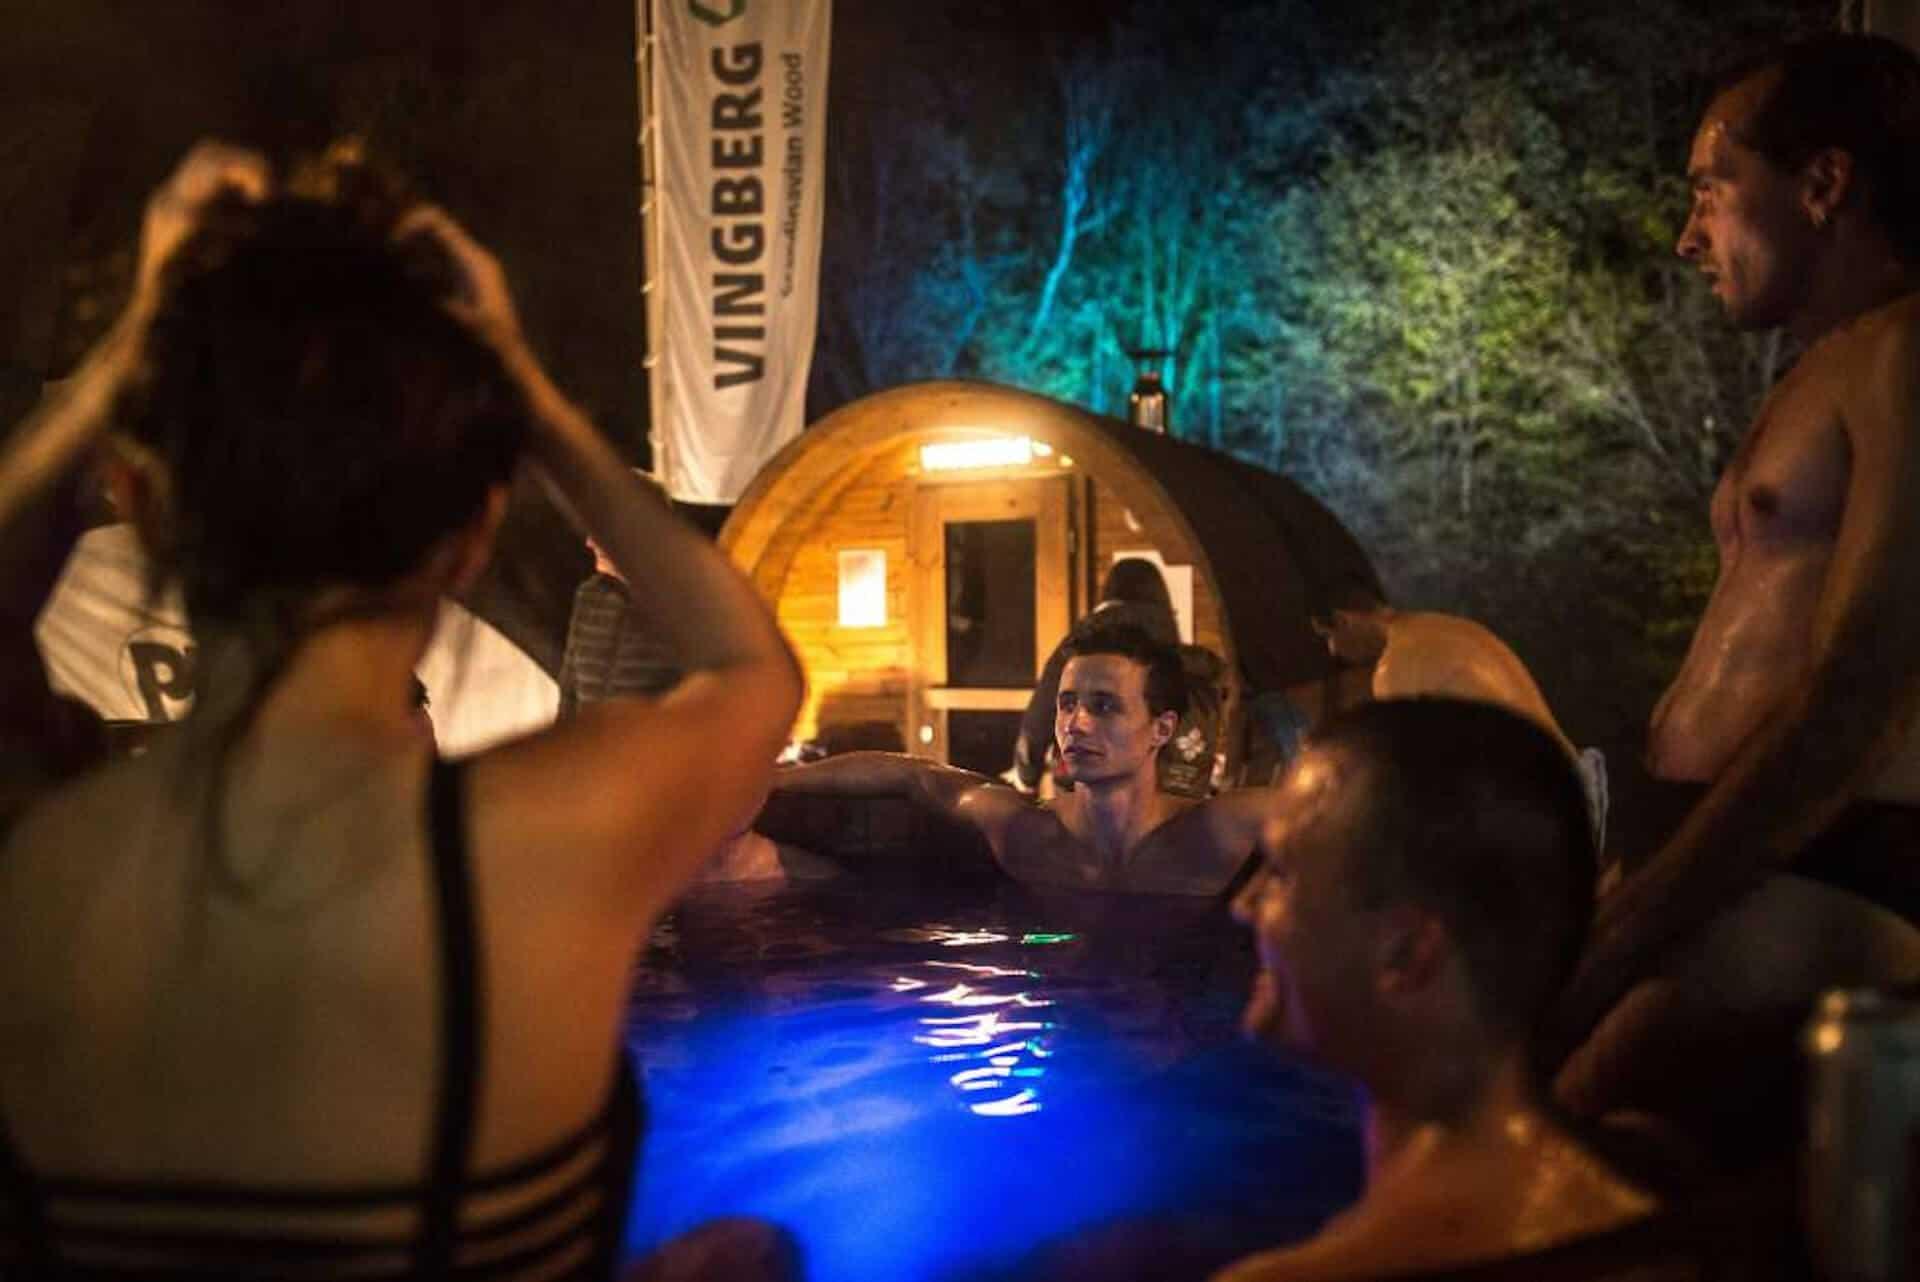 Ruska bania i sauna z Thermowwod firmy Vingberg